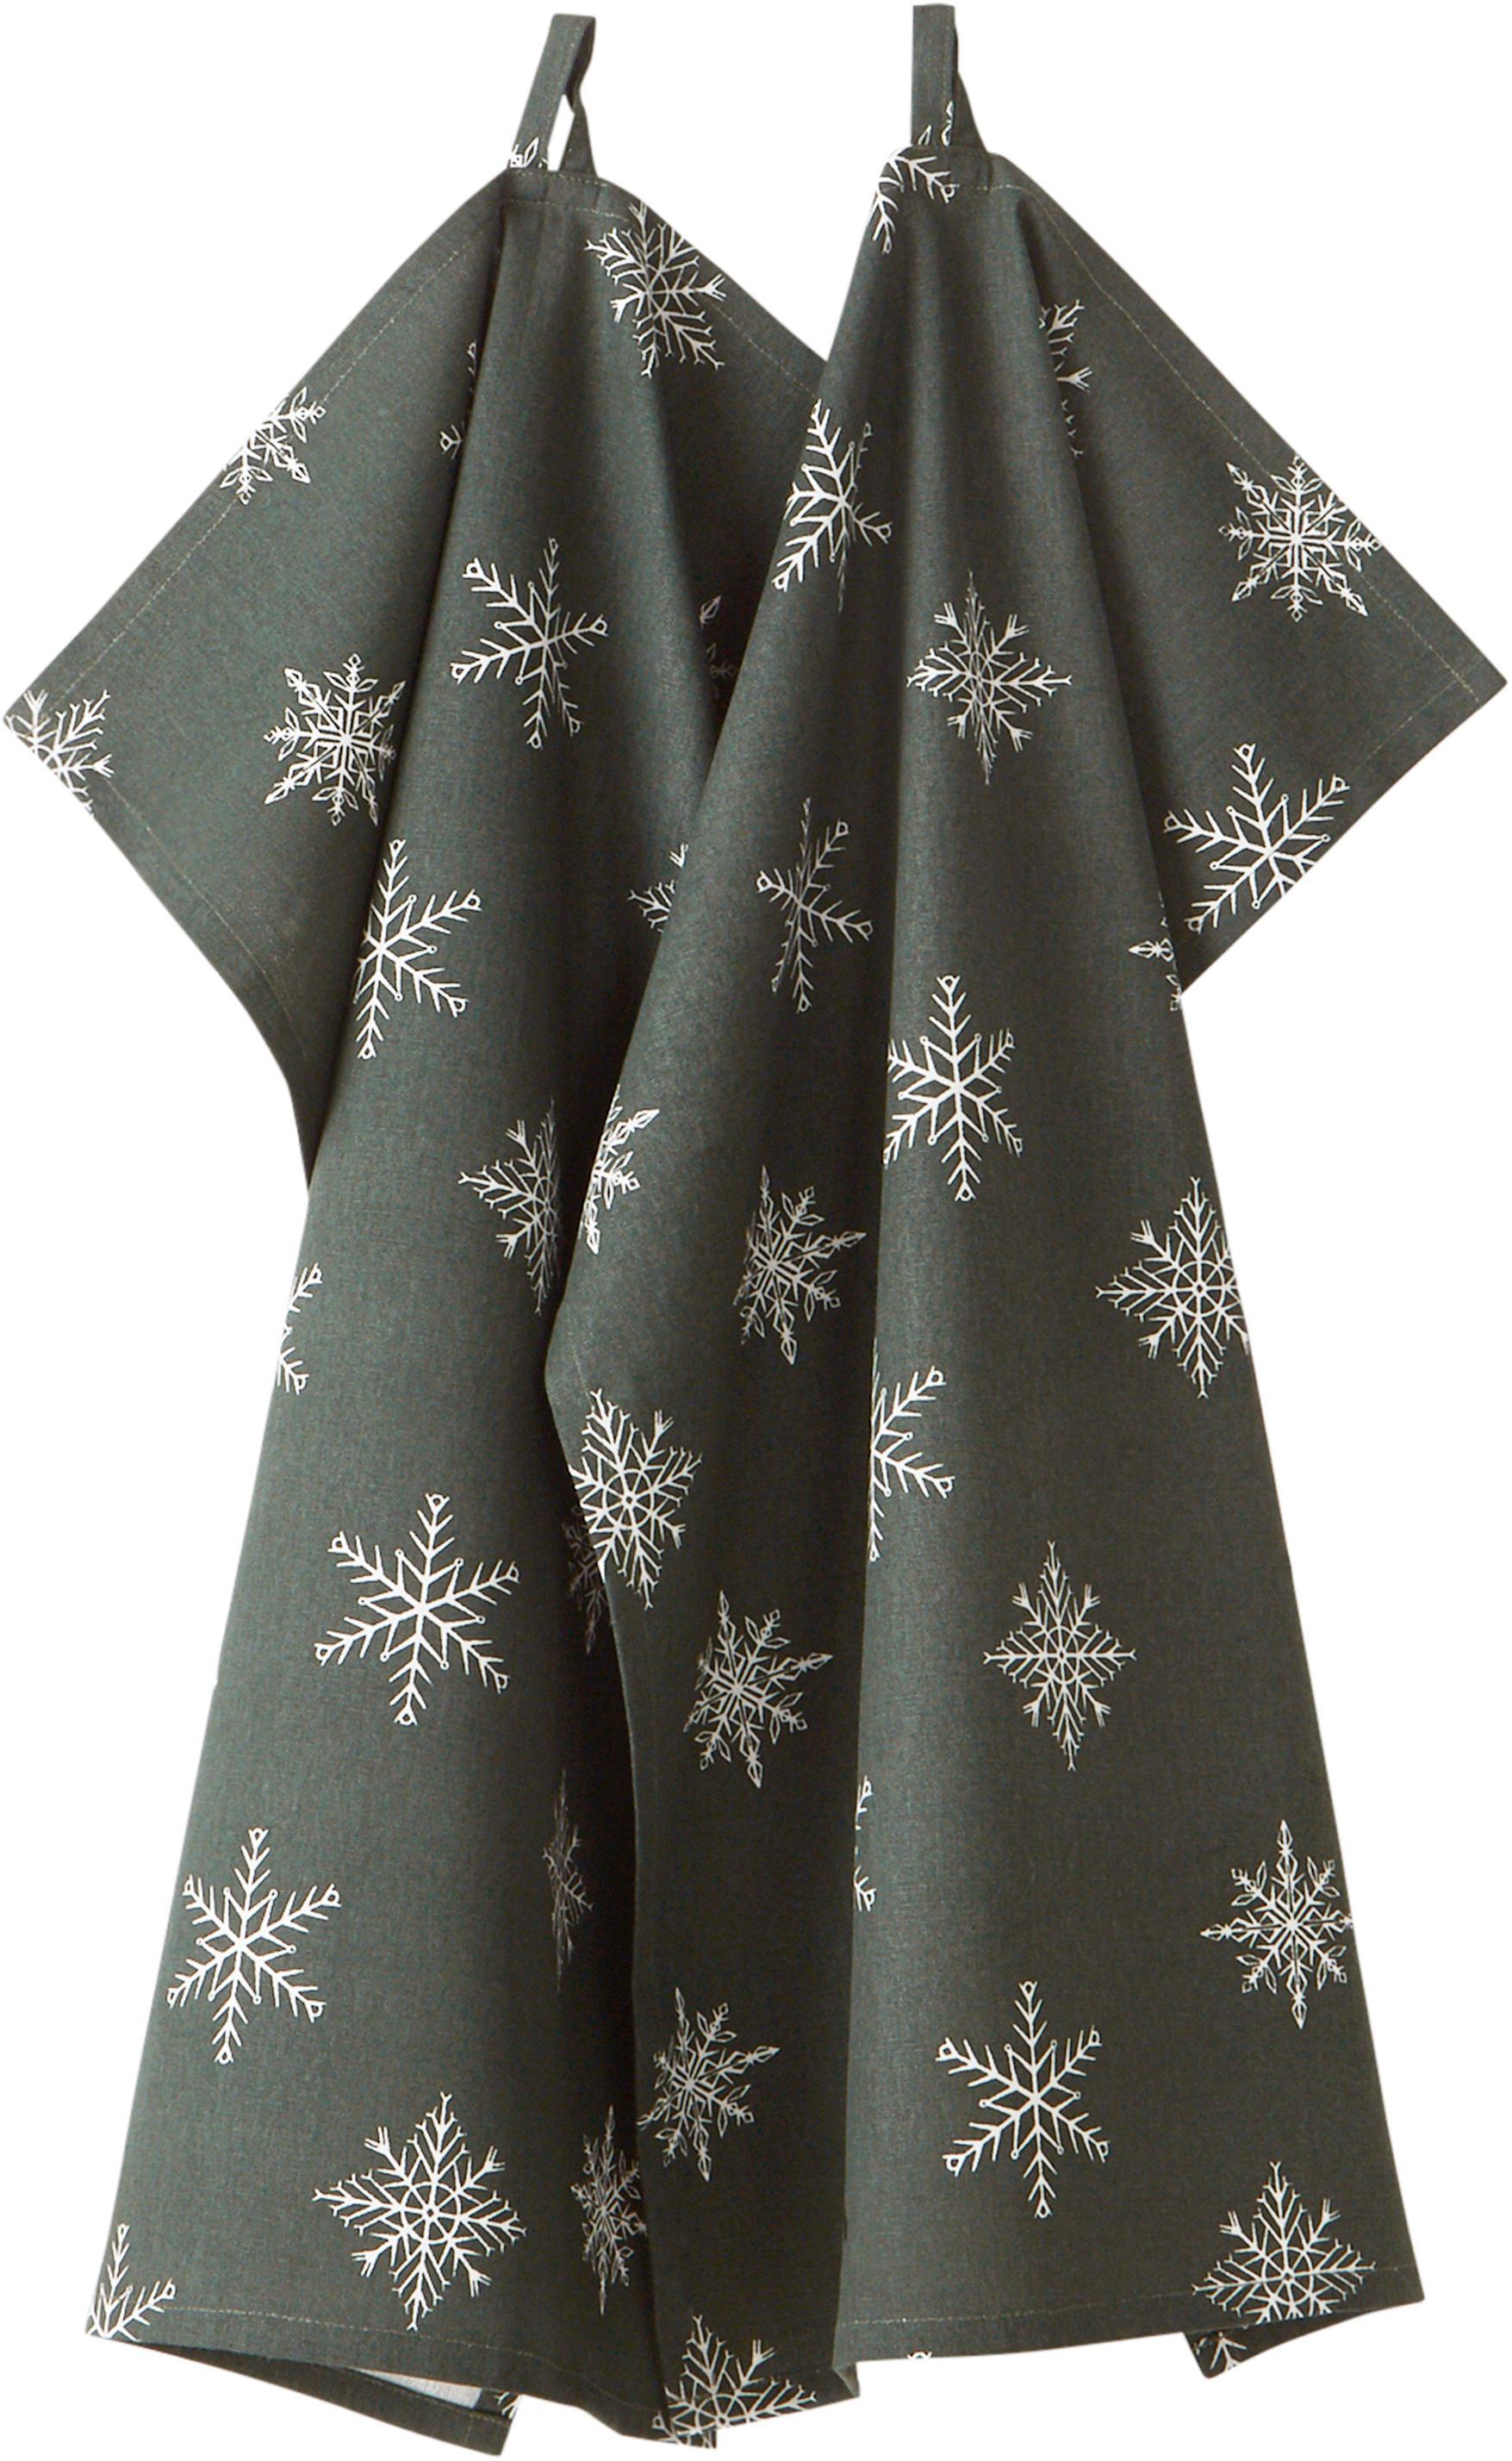 Strofinaccio in cotone Snow 2 pz, 100% cotone, da coltivazione sostenibile del cotone, Verde, bianco, Larg. 50 x Lung. 70 cm